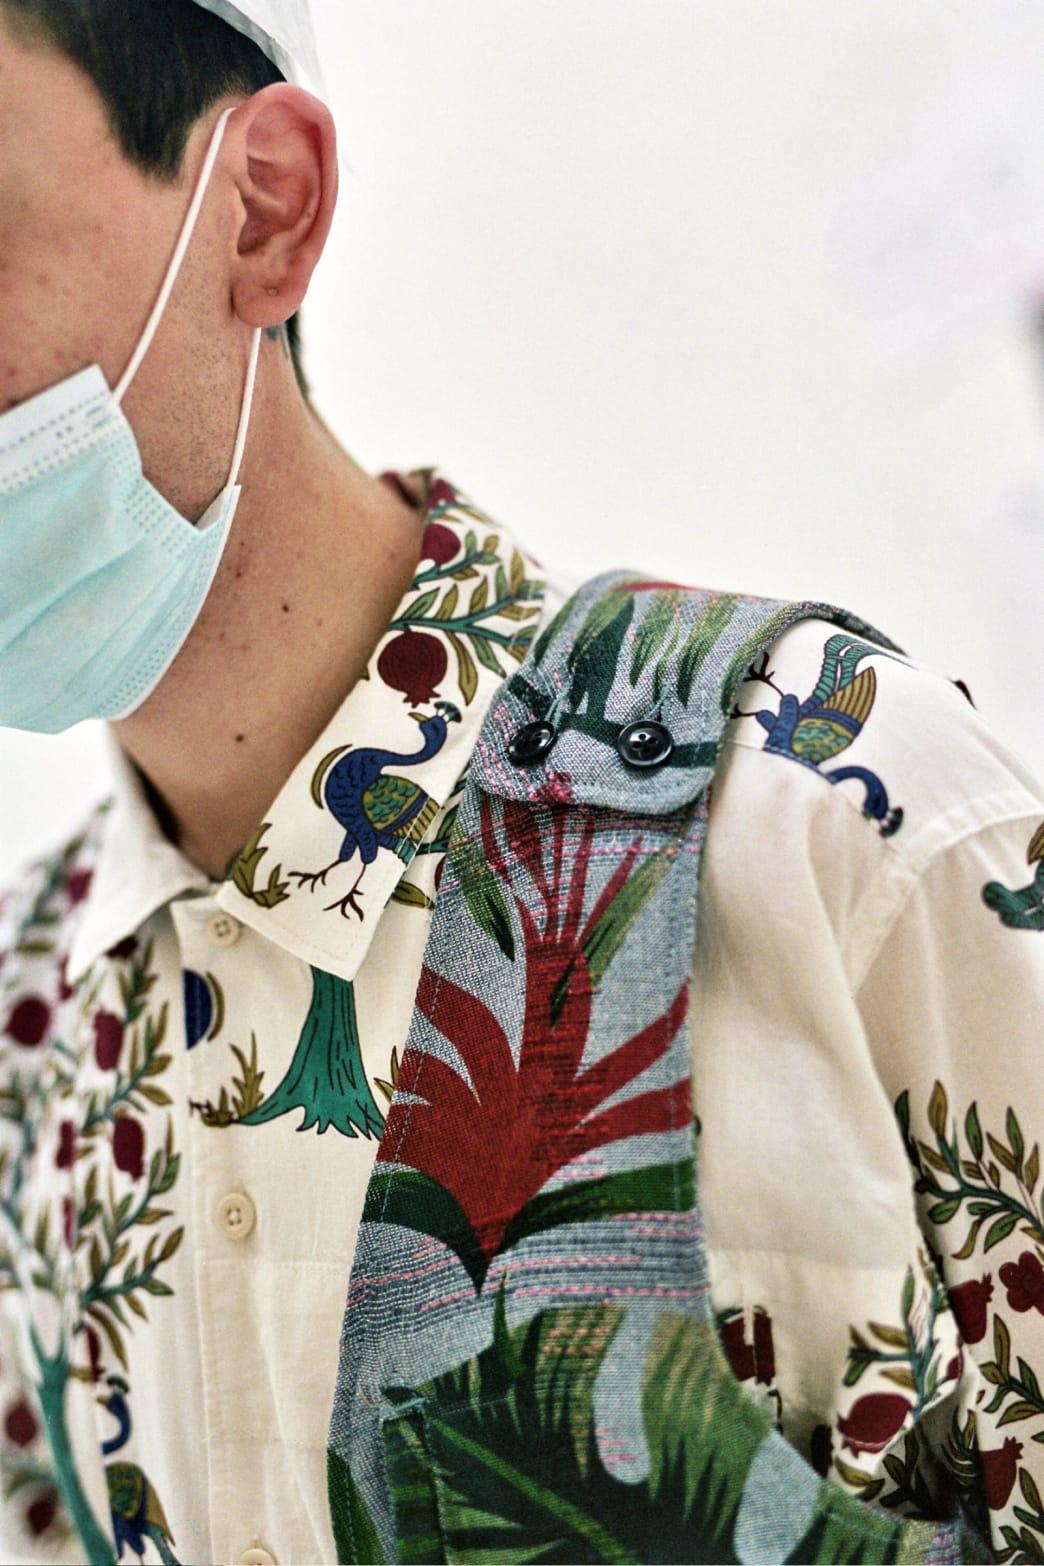 Shoulder Vest Light Blue Polyester Big Floral Print | Vest by Engineered Garments 1